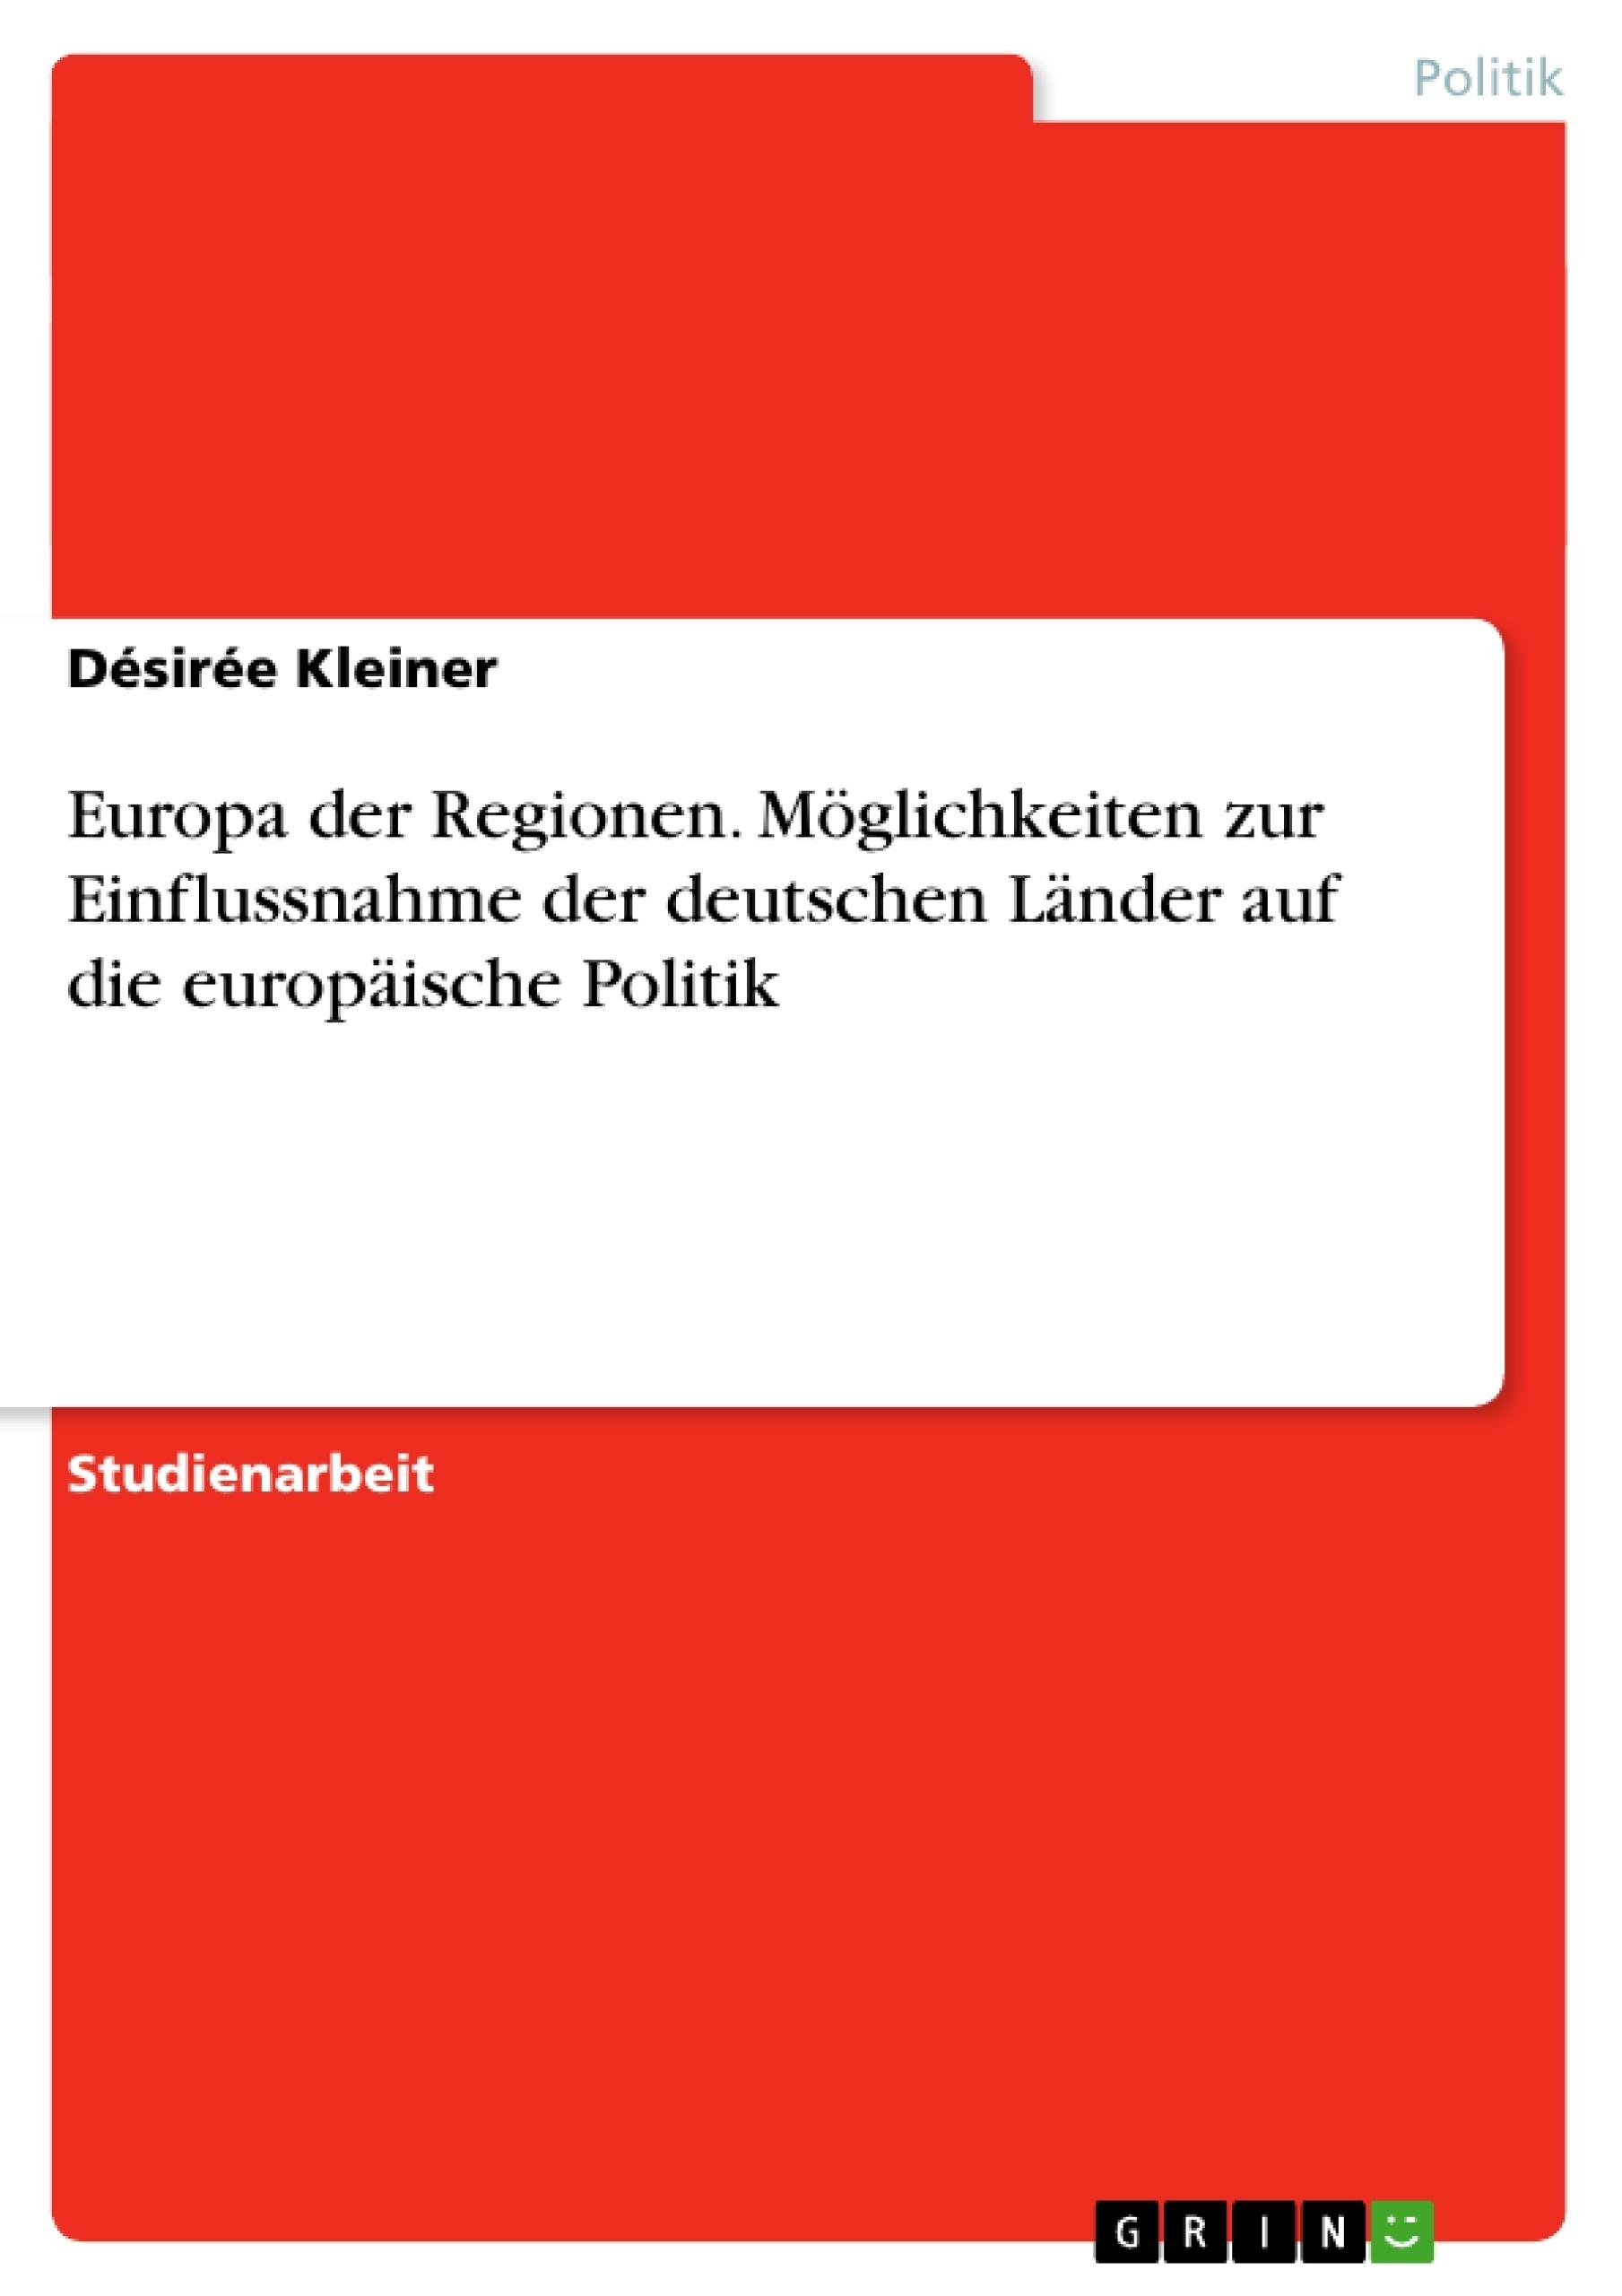 Titel: Europa der Regionen.  Möglichkeiten zur Einflussnahme der deutschen Länder auf die europäische Politik